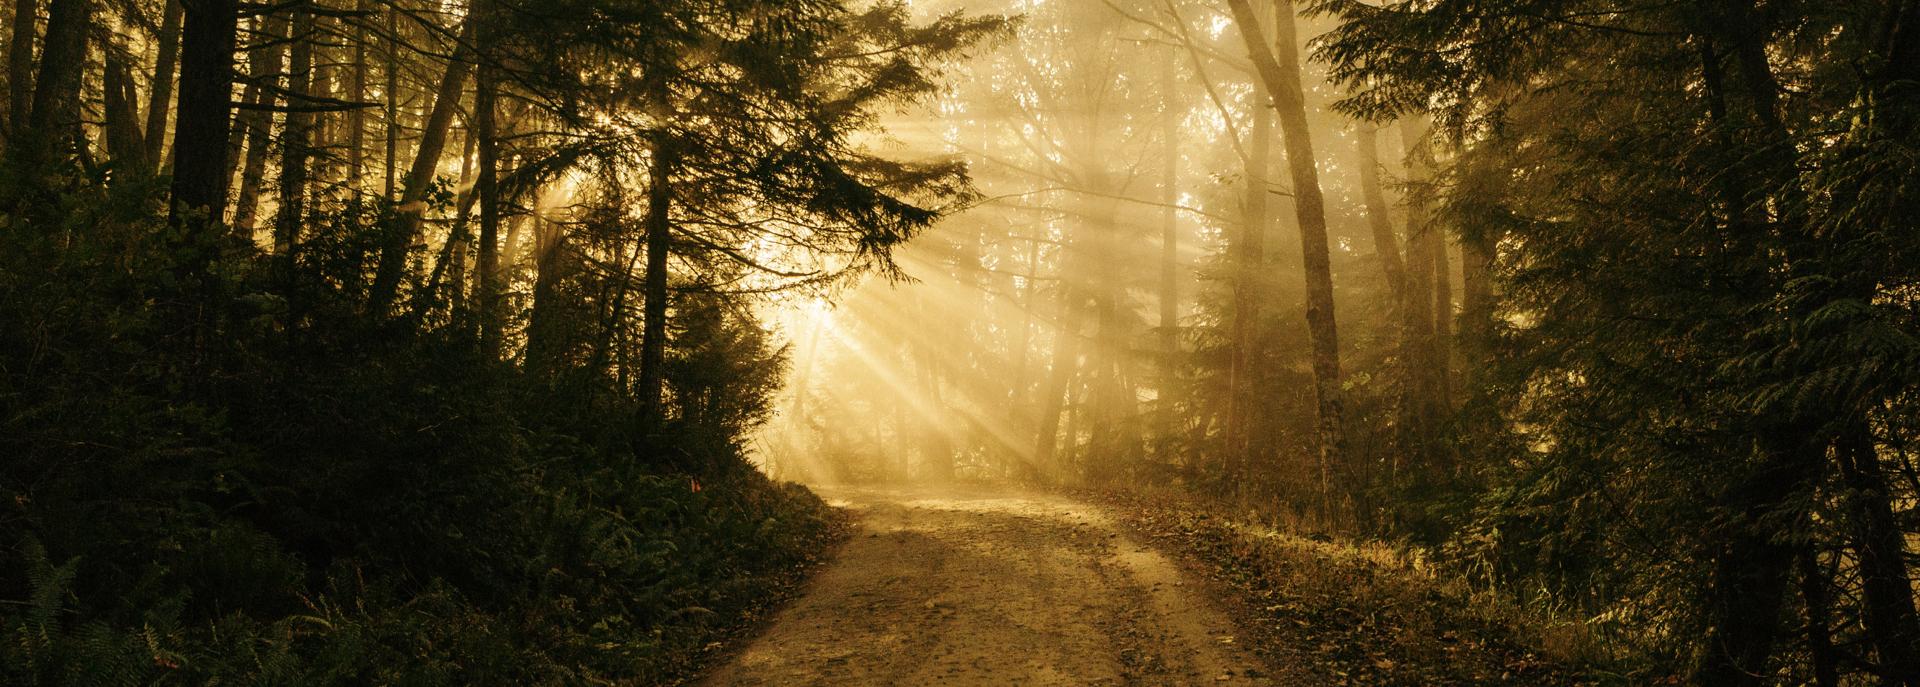 Vocazione religiosa: cos'è e come riconoscerne i segni